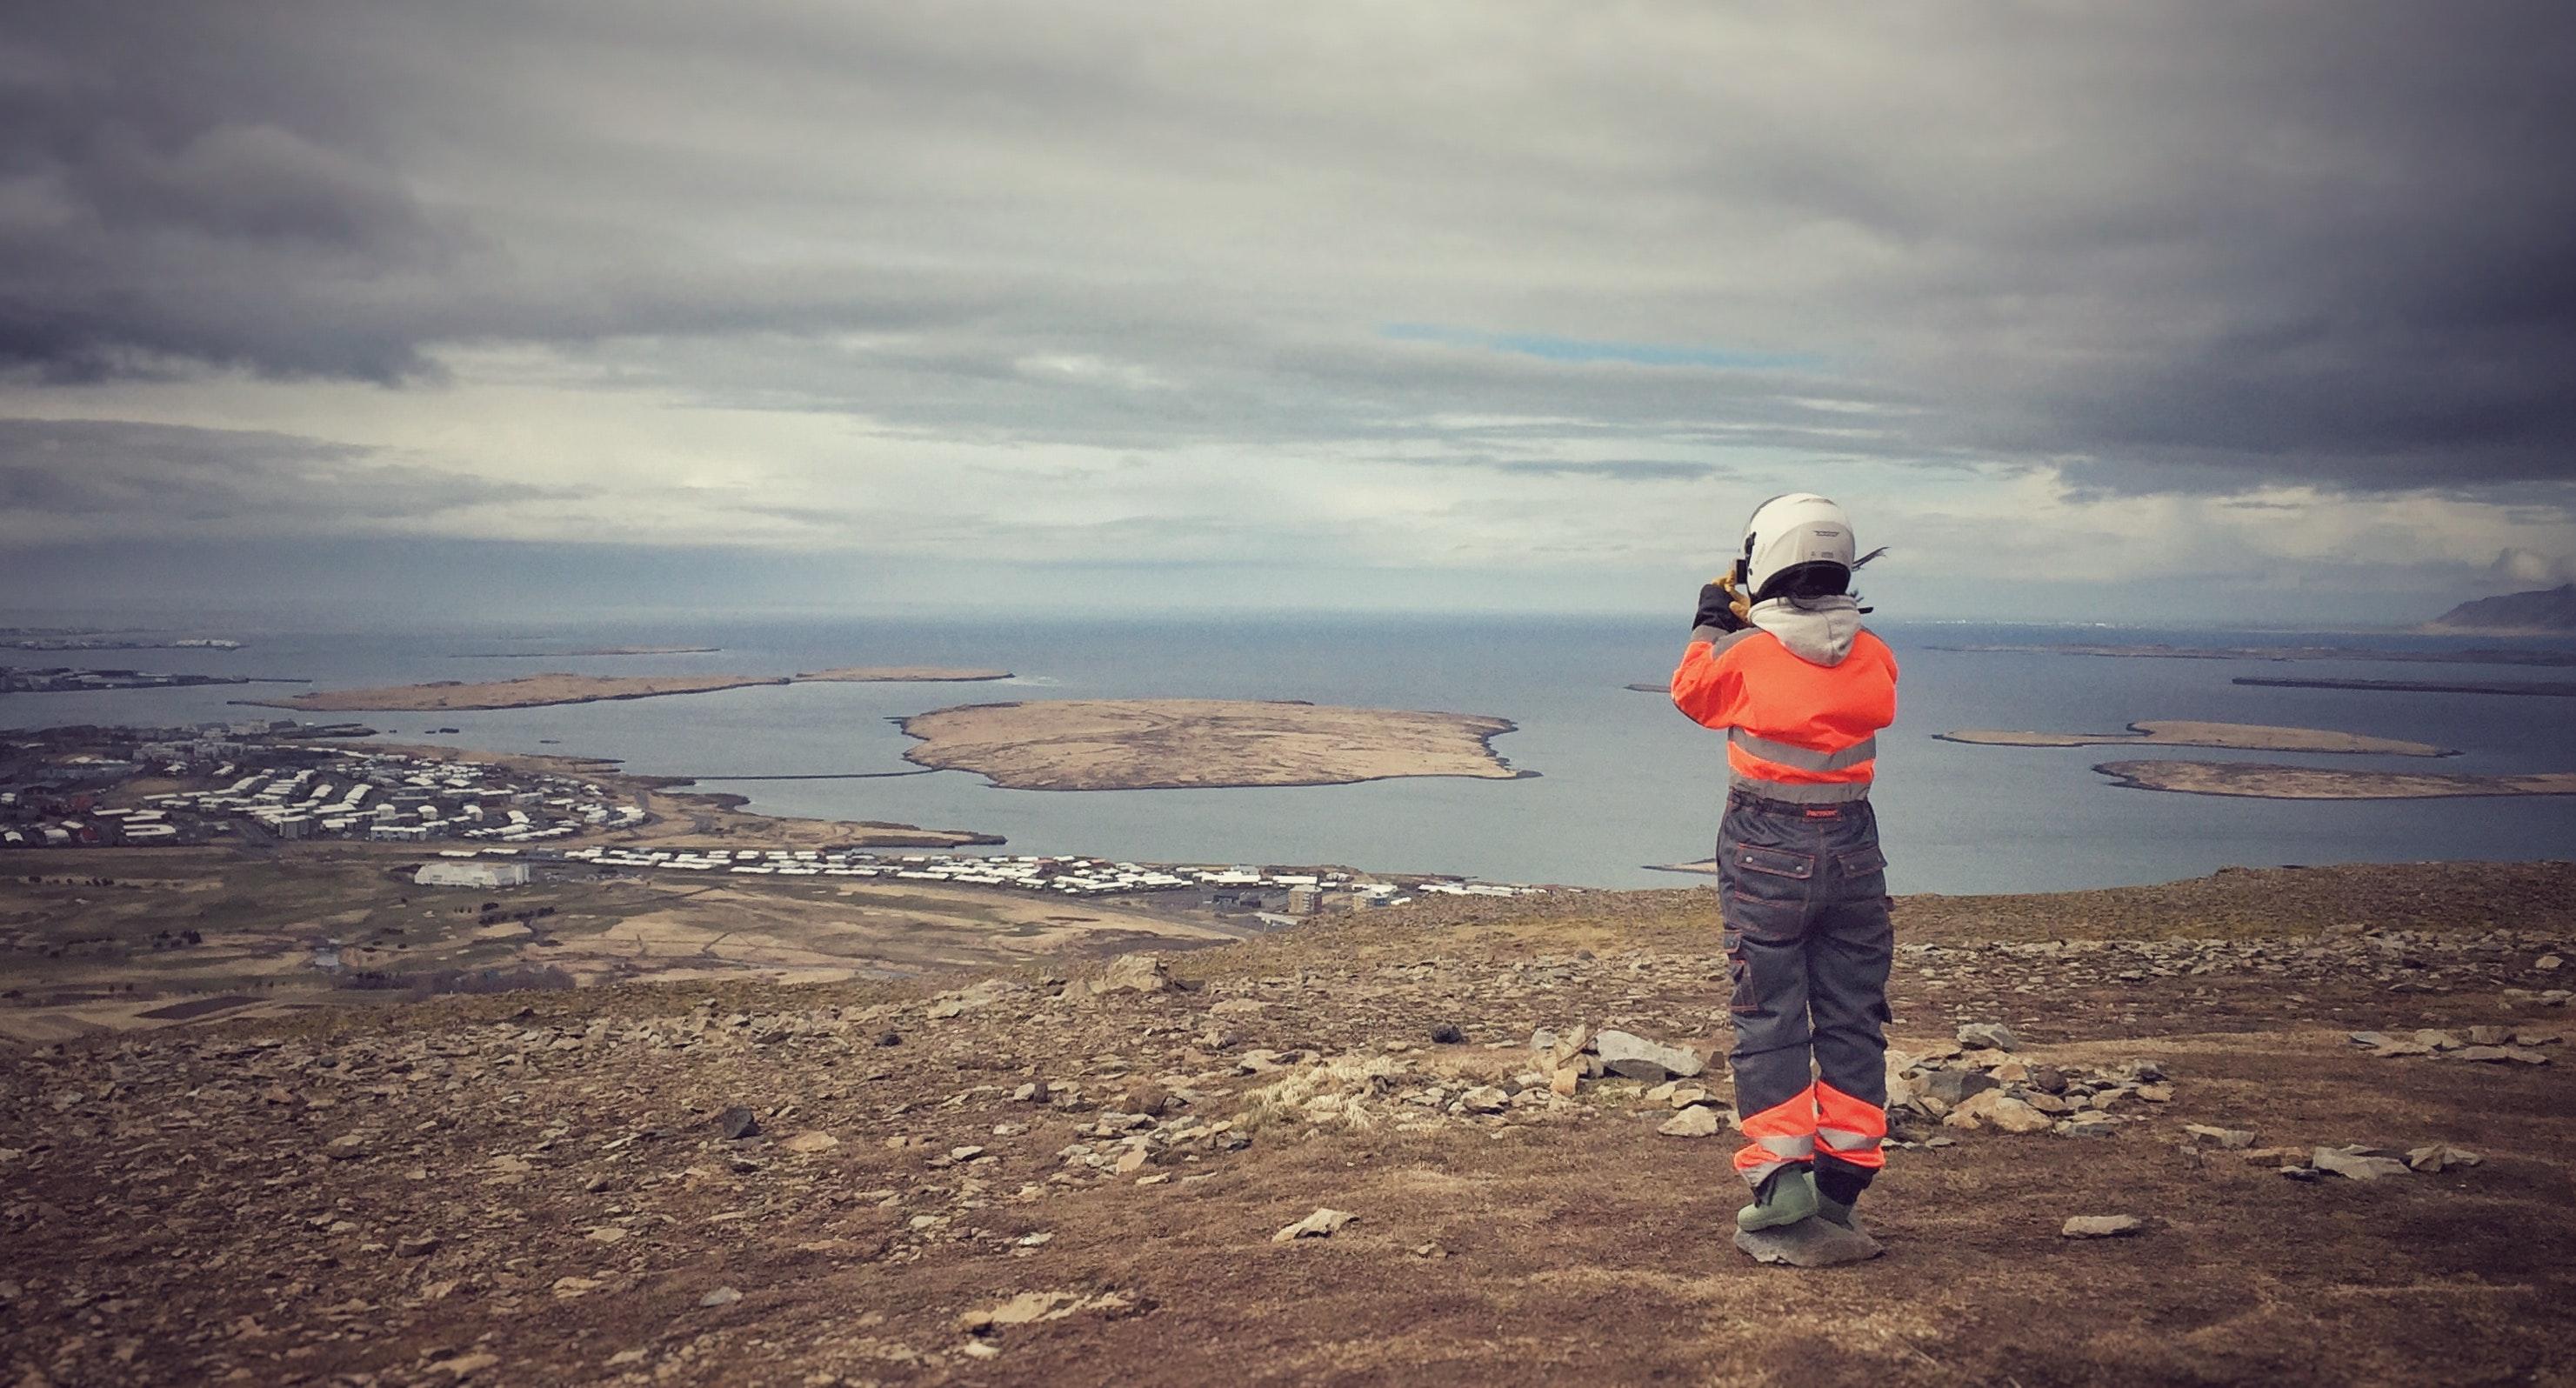 冰岛雷克雅未克远景